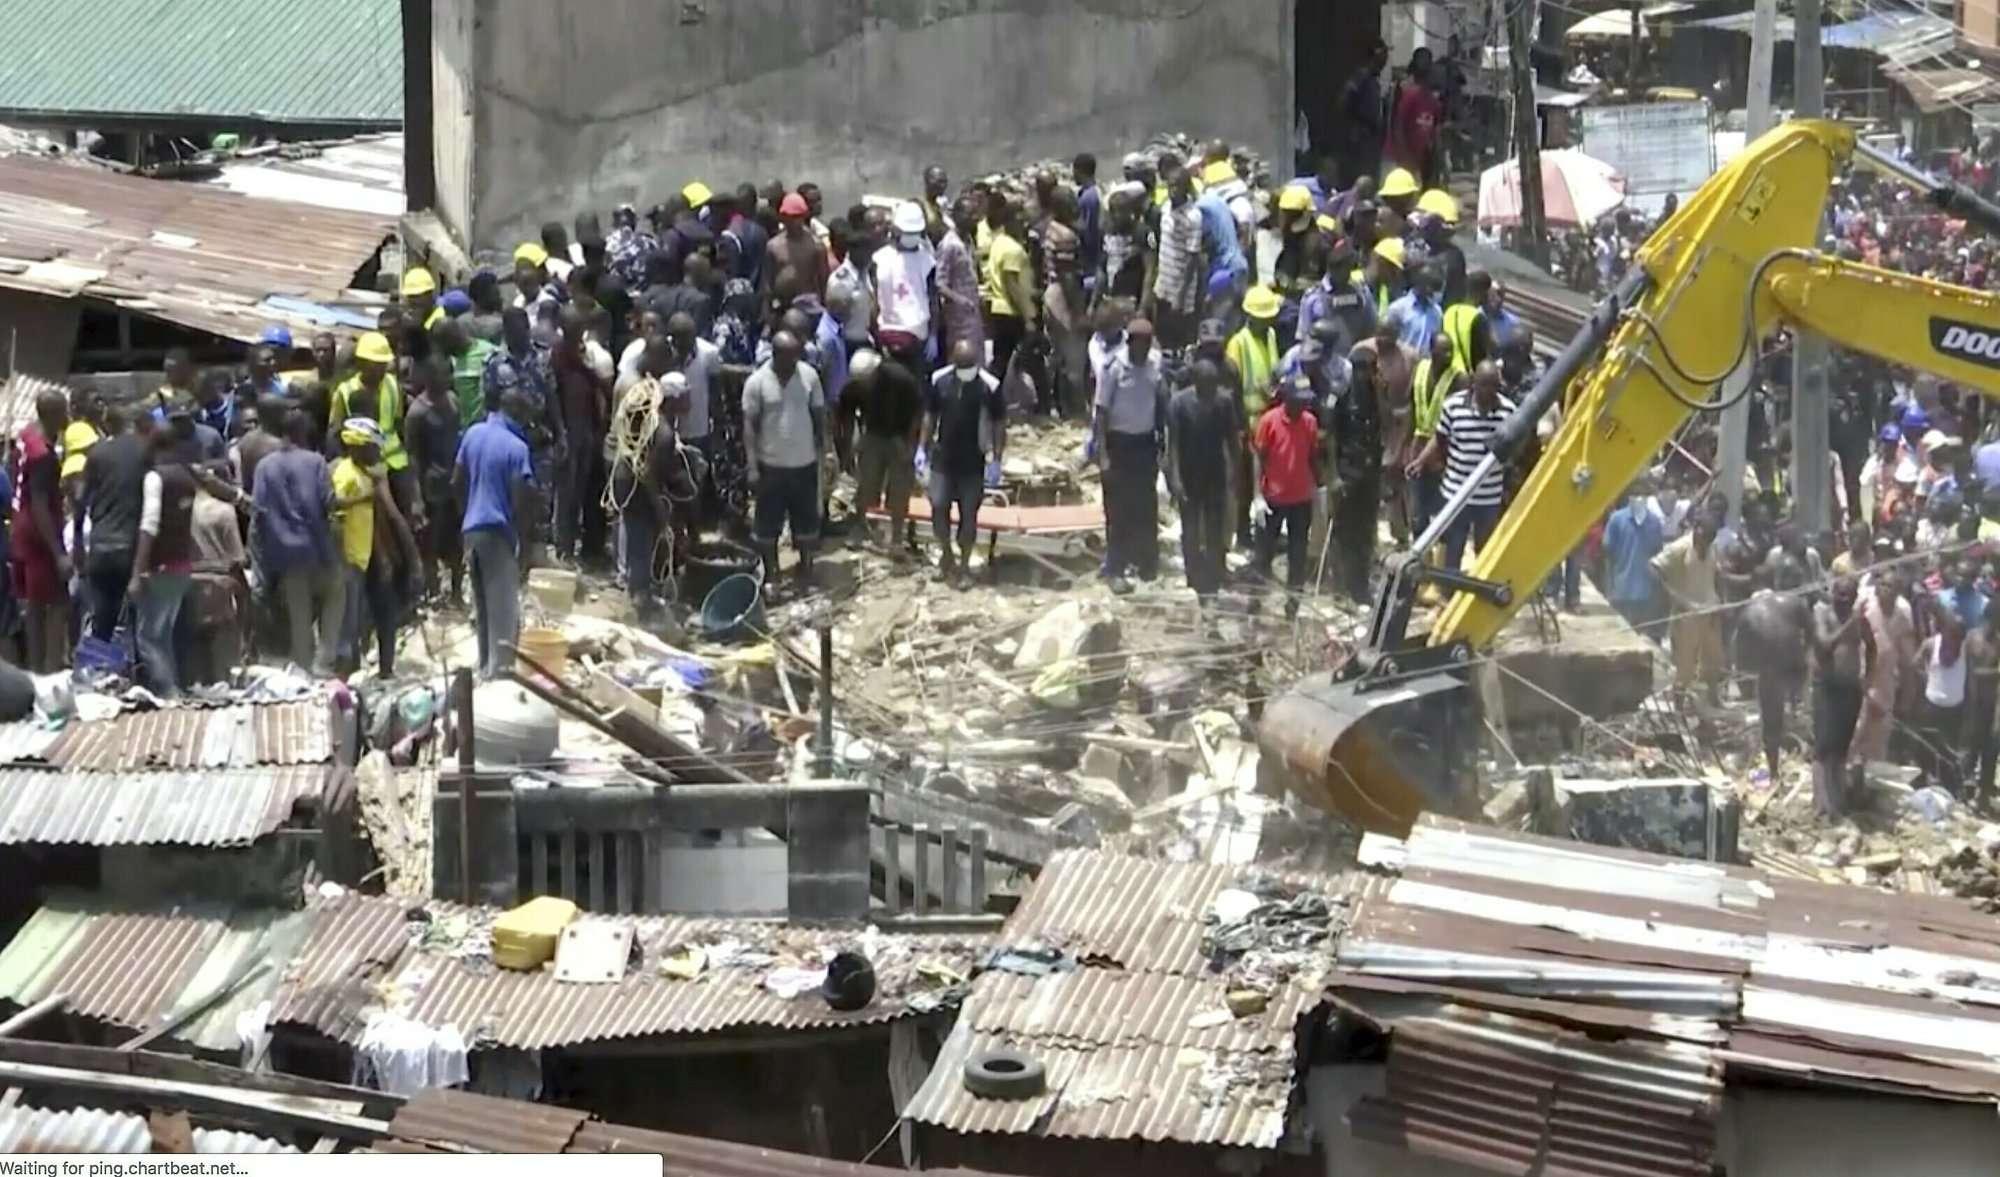 Equipos de emergencia y los equipos de emergencia trabajan en el lugar del colapso de un edificio en Lagos, Nigeria, el miércoles 13 de marzo de 2019. No hubo información oficial inmediata sobre el número de víctimas. (Foto AP)